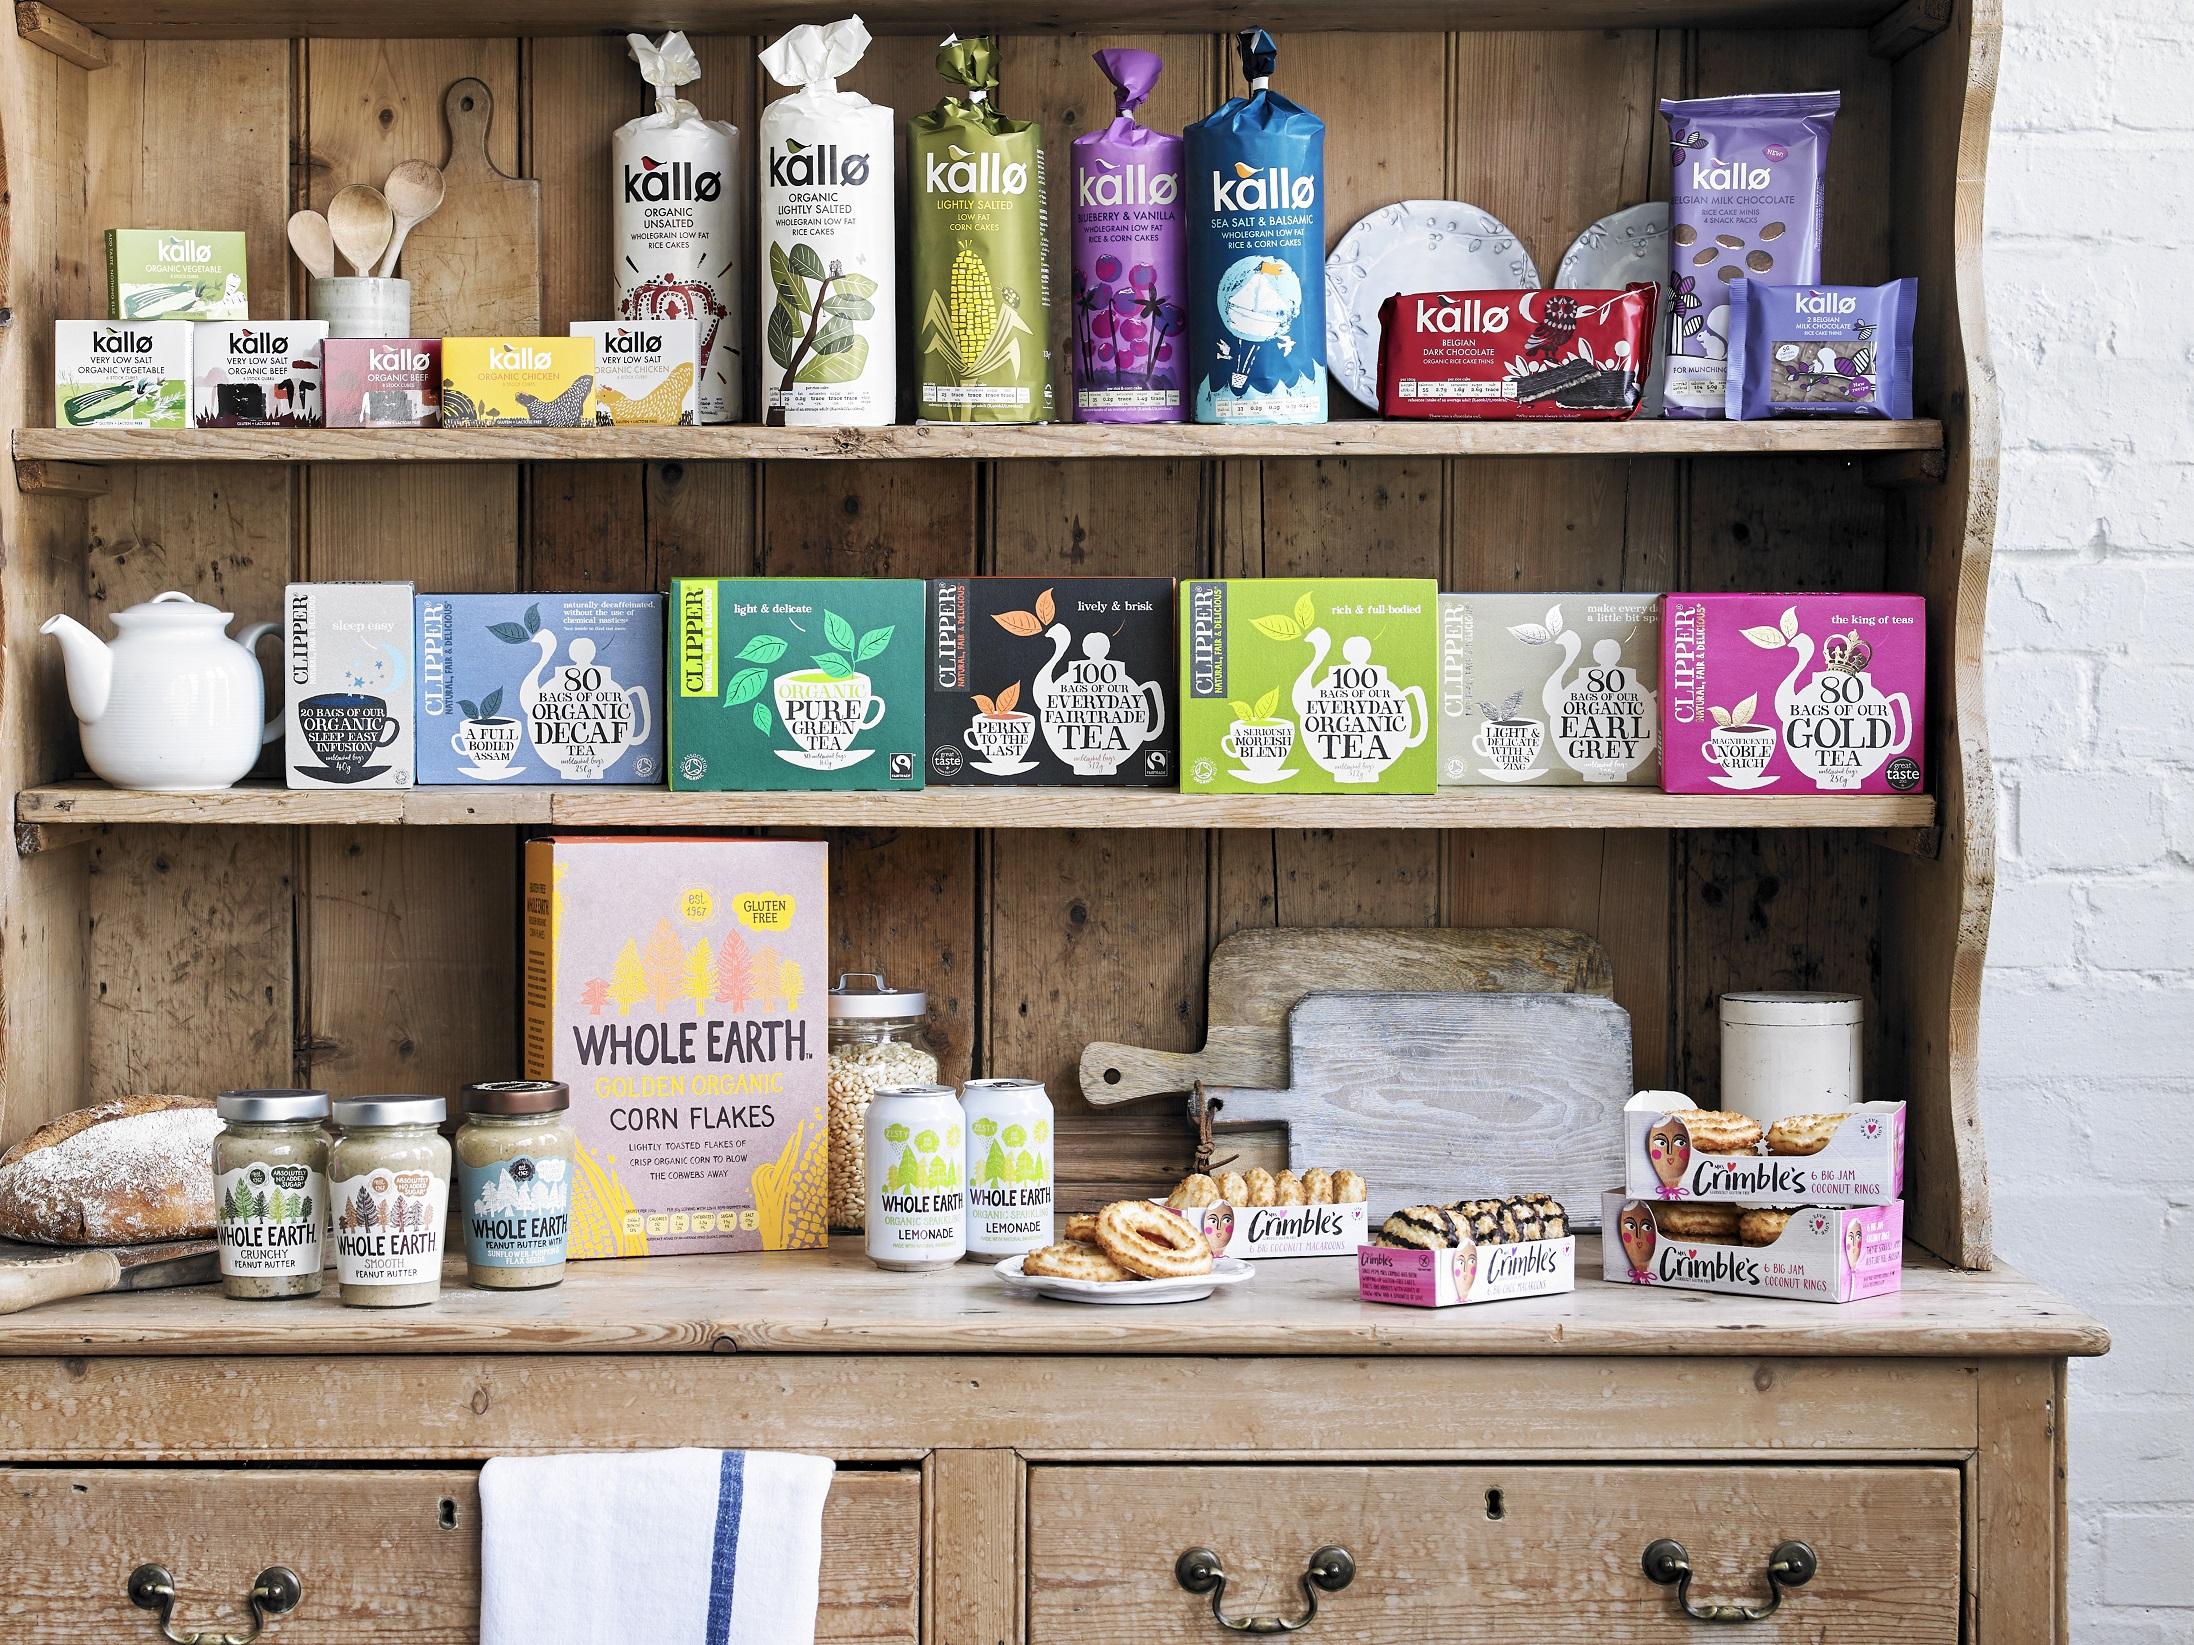 Wessanen UK all brands resized.jpg